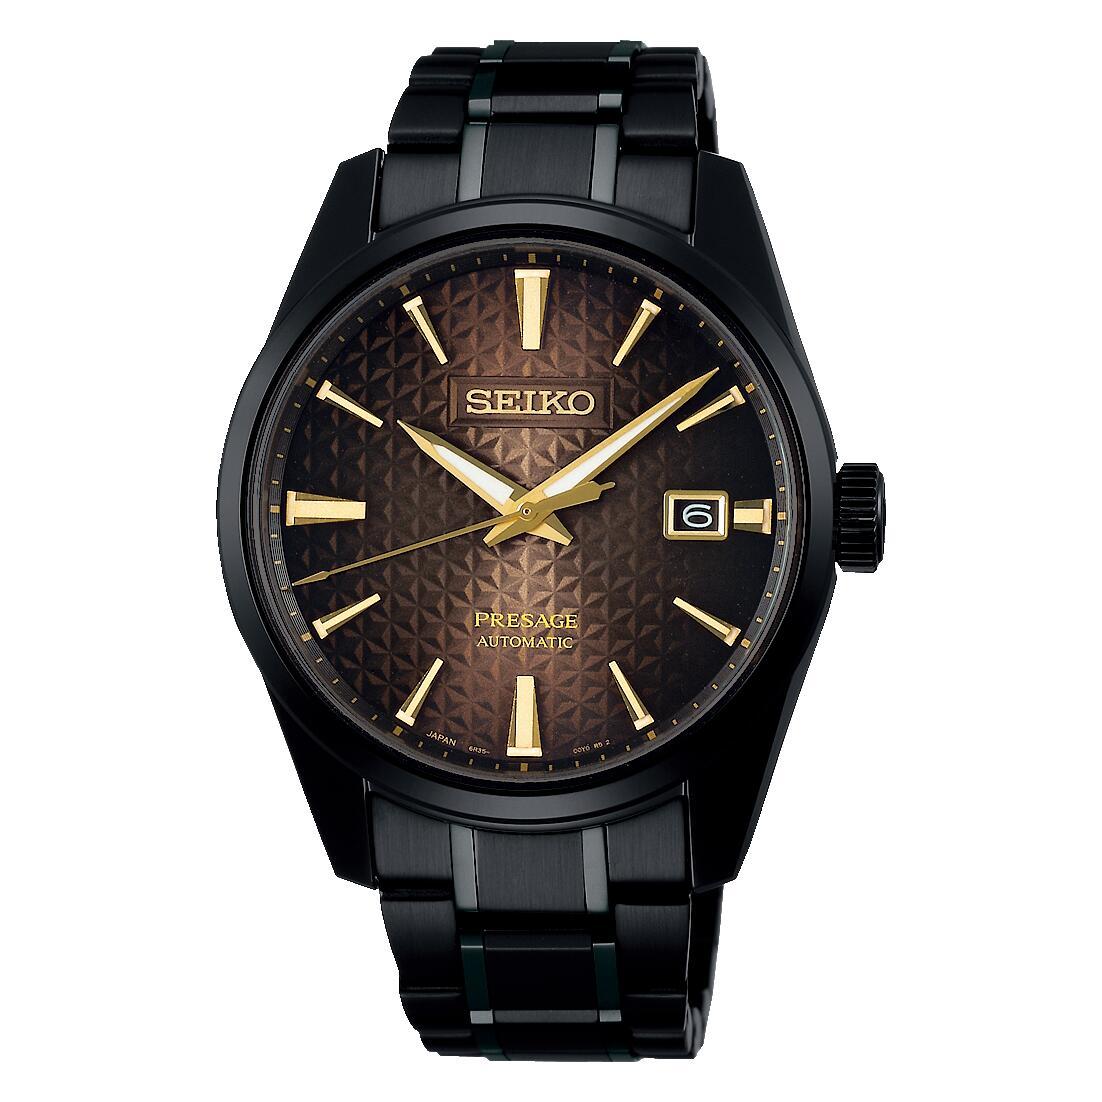 高価値 メンズ 腕時計 新品 正規品 SEIKO セイコー PRESAGE プレサージュ Seiko 低価格化 Limited 限定4000本 メカニカル Edition 140th Anniversary SARX085 コアショップモデル